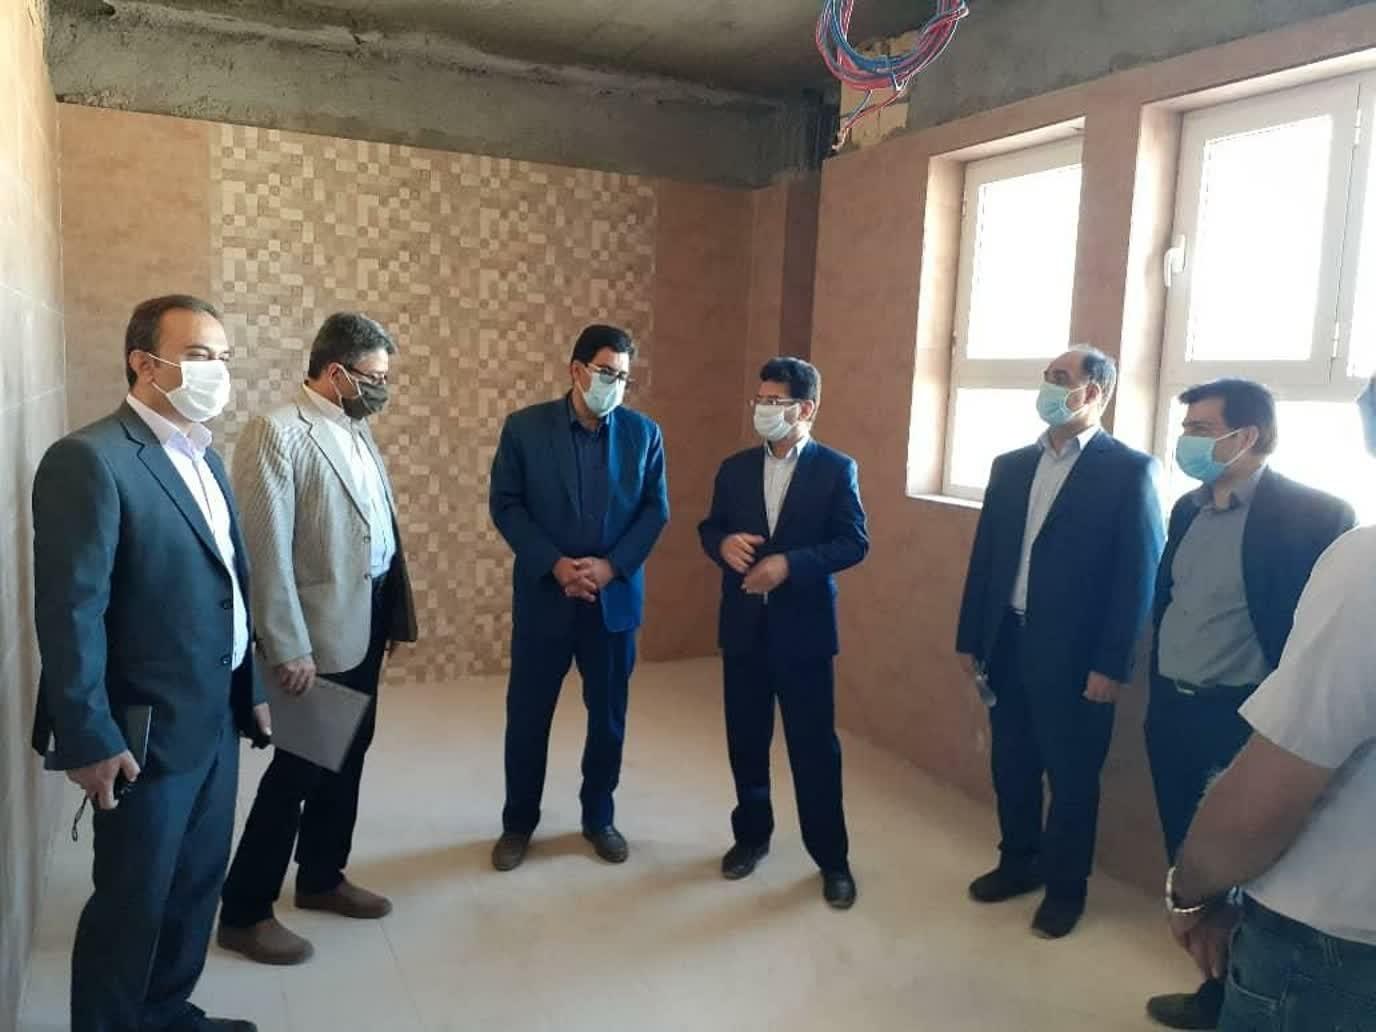 اداره کل نوسازی مدارس استان یزد - با حضور رئیس سازمان مدیریت استان از پروژهای در دست اجرا نوسازی مدارس بازدید شد.